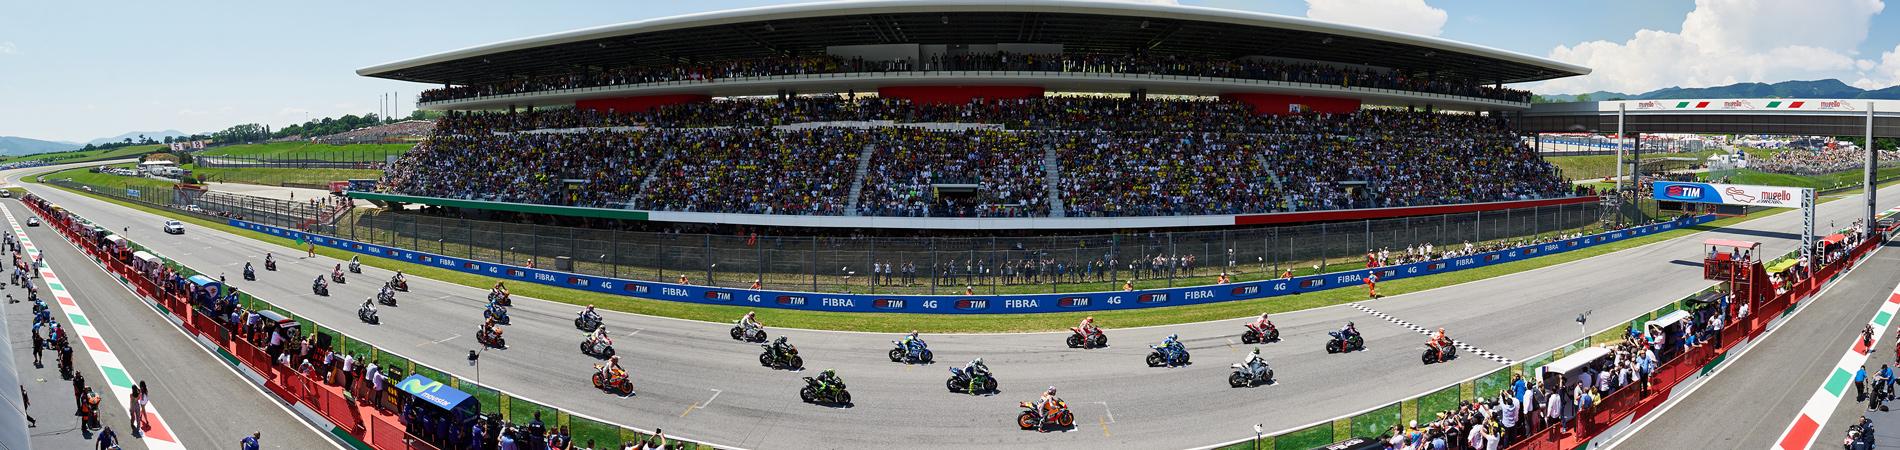 MotoGP tracks and MotoGP calendar | Circuit guide for 2019 season | bwin